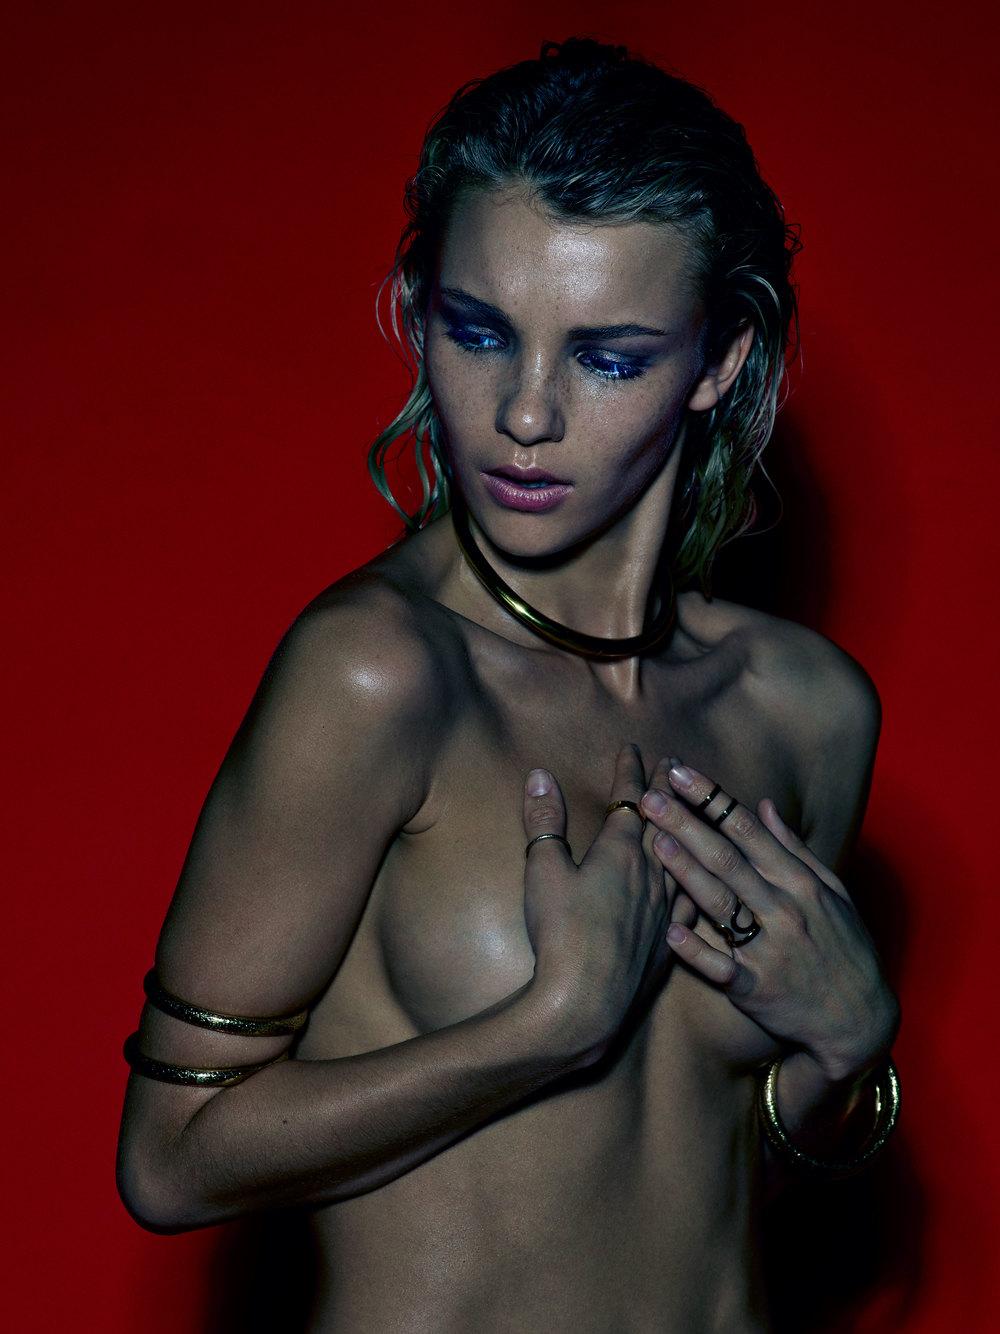 Rachel-Yampolsky-Sexy-1